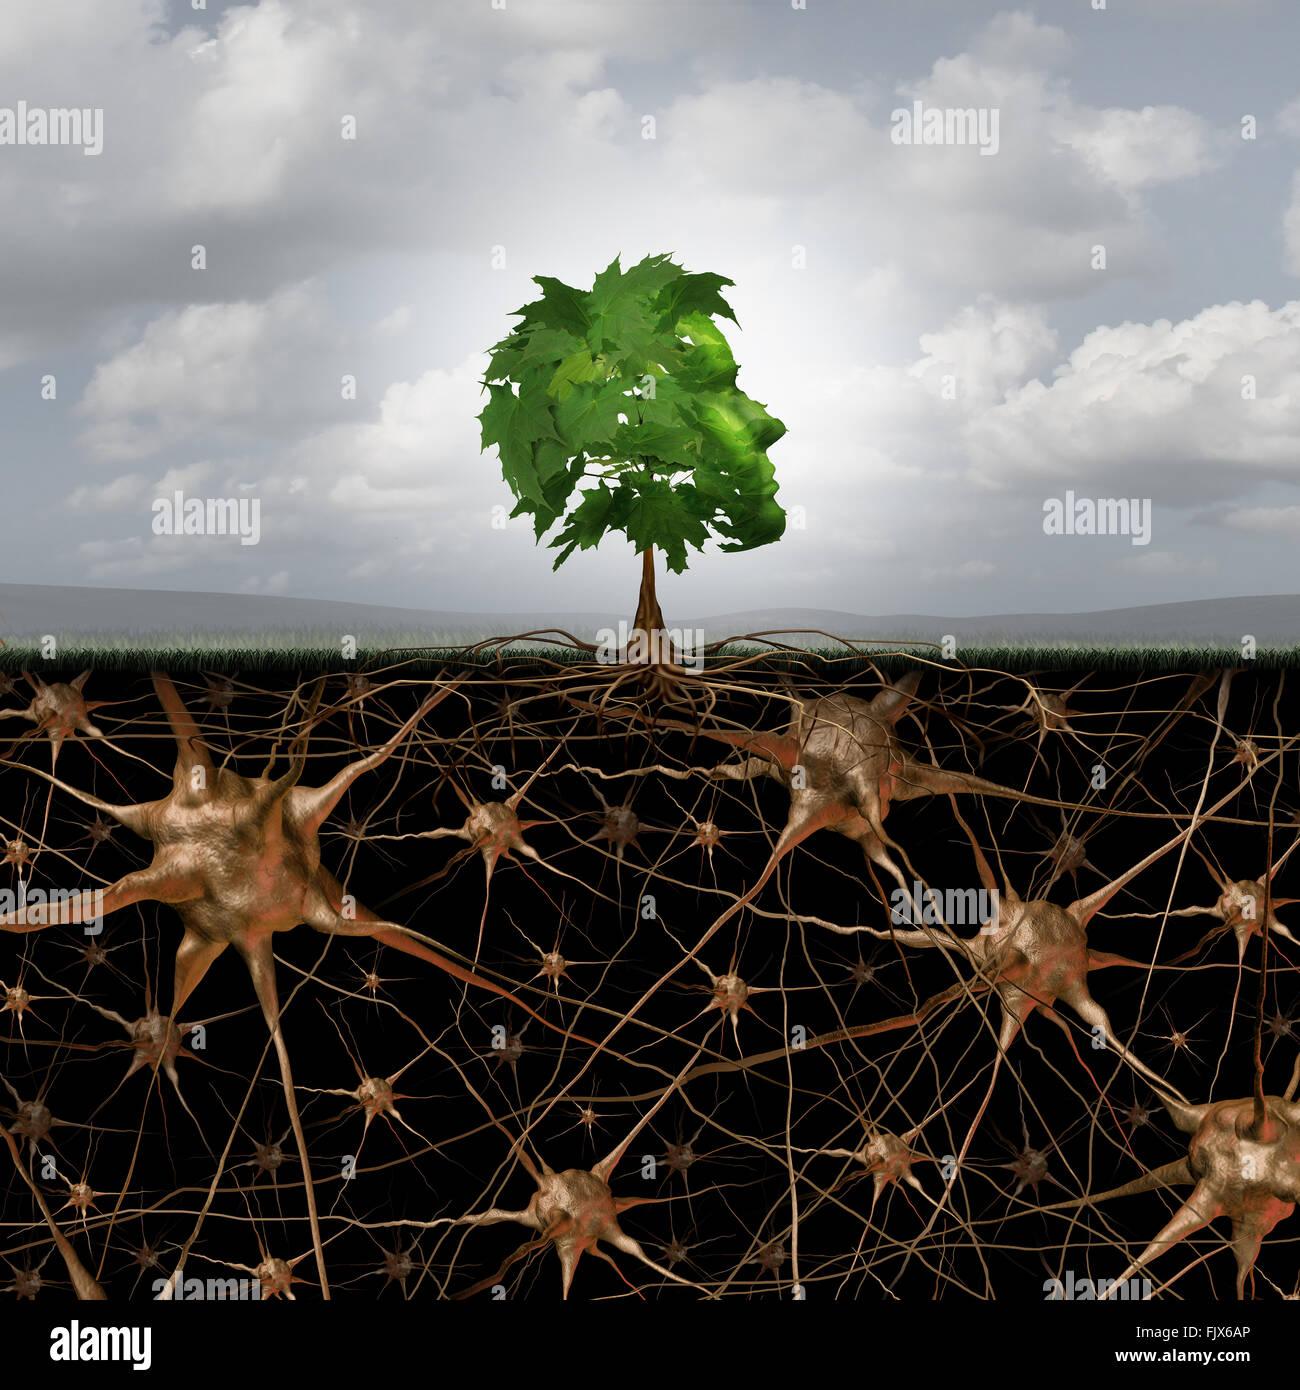 Concepto de conexión cerebral neurona como un árbol en forma de cabeza humana con raíces como activo Imagen De Stock